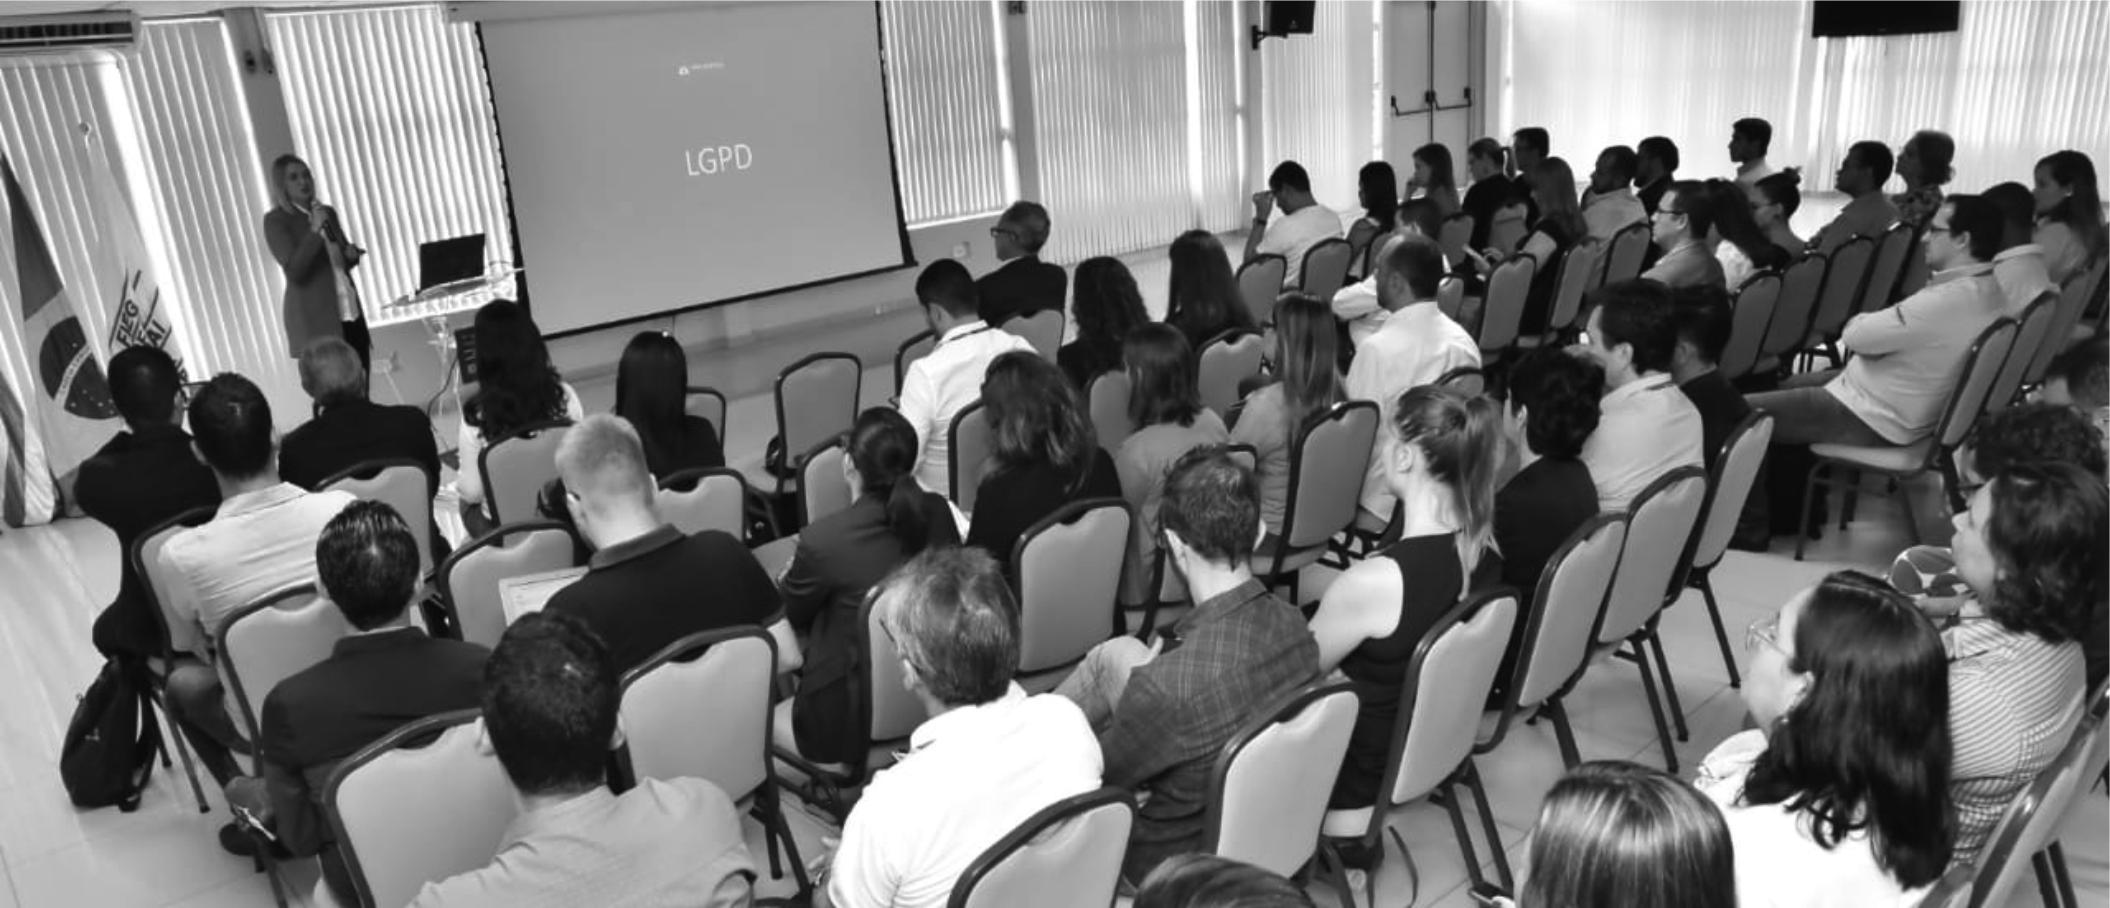 Seminário Lara Martins Advogados na FIEG sobre a Lei Geral de Proteção de Dados.